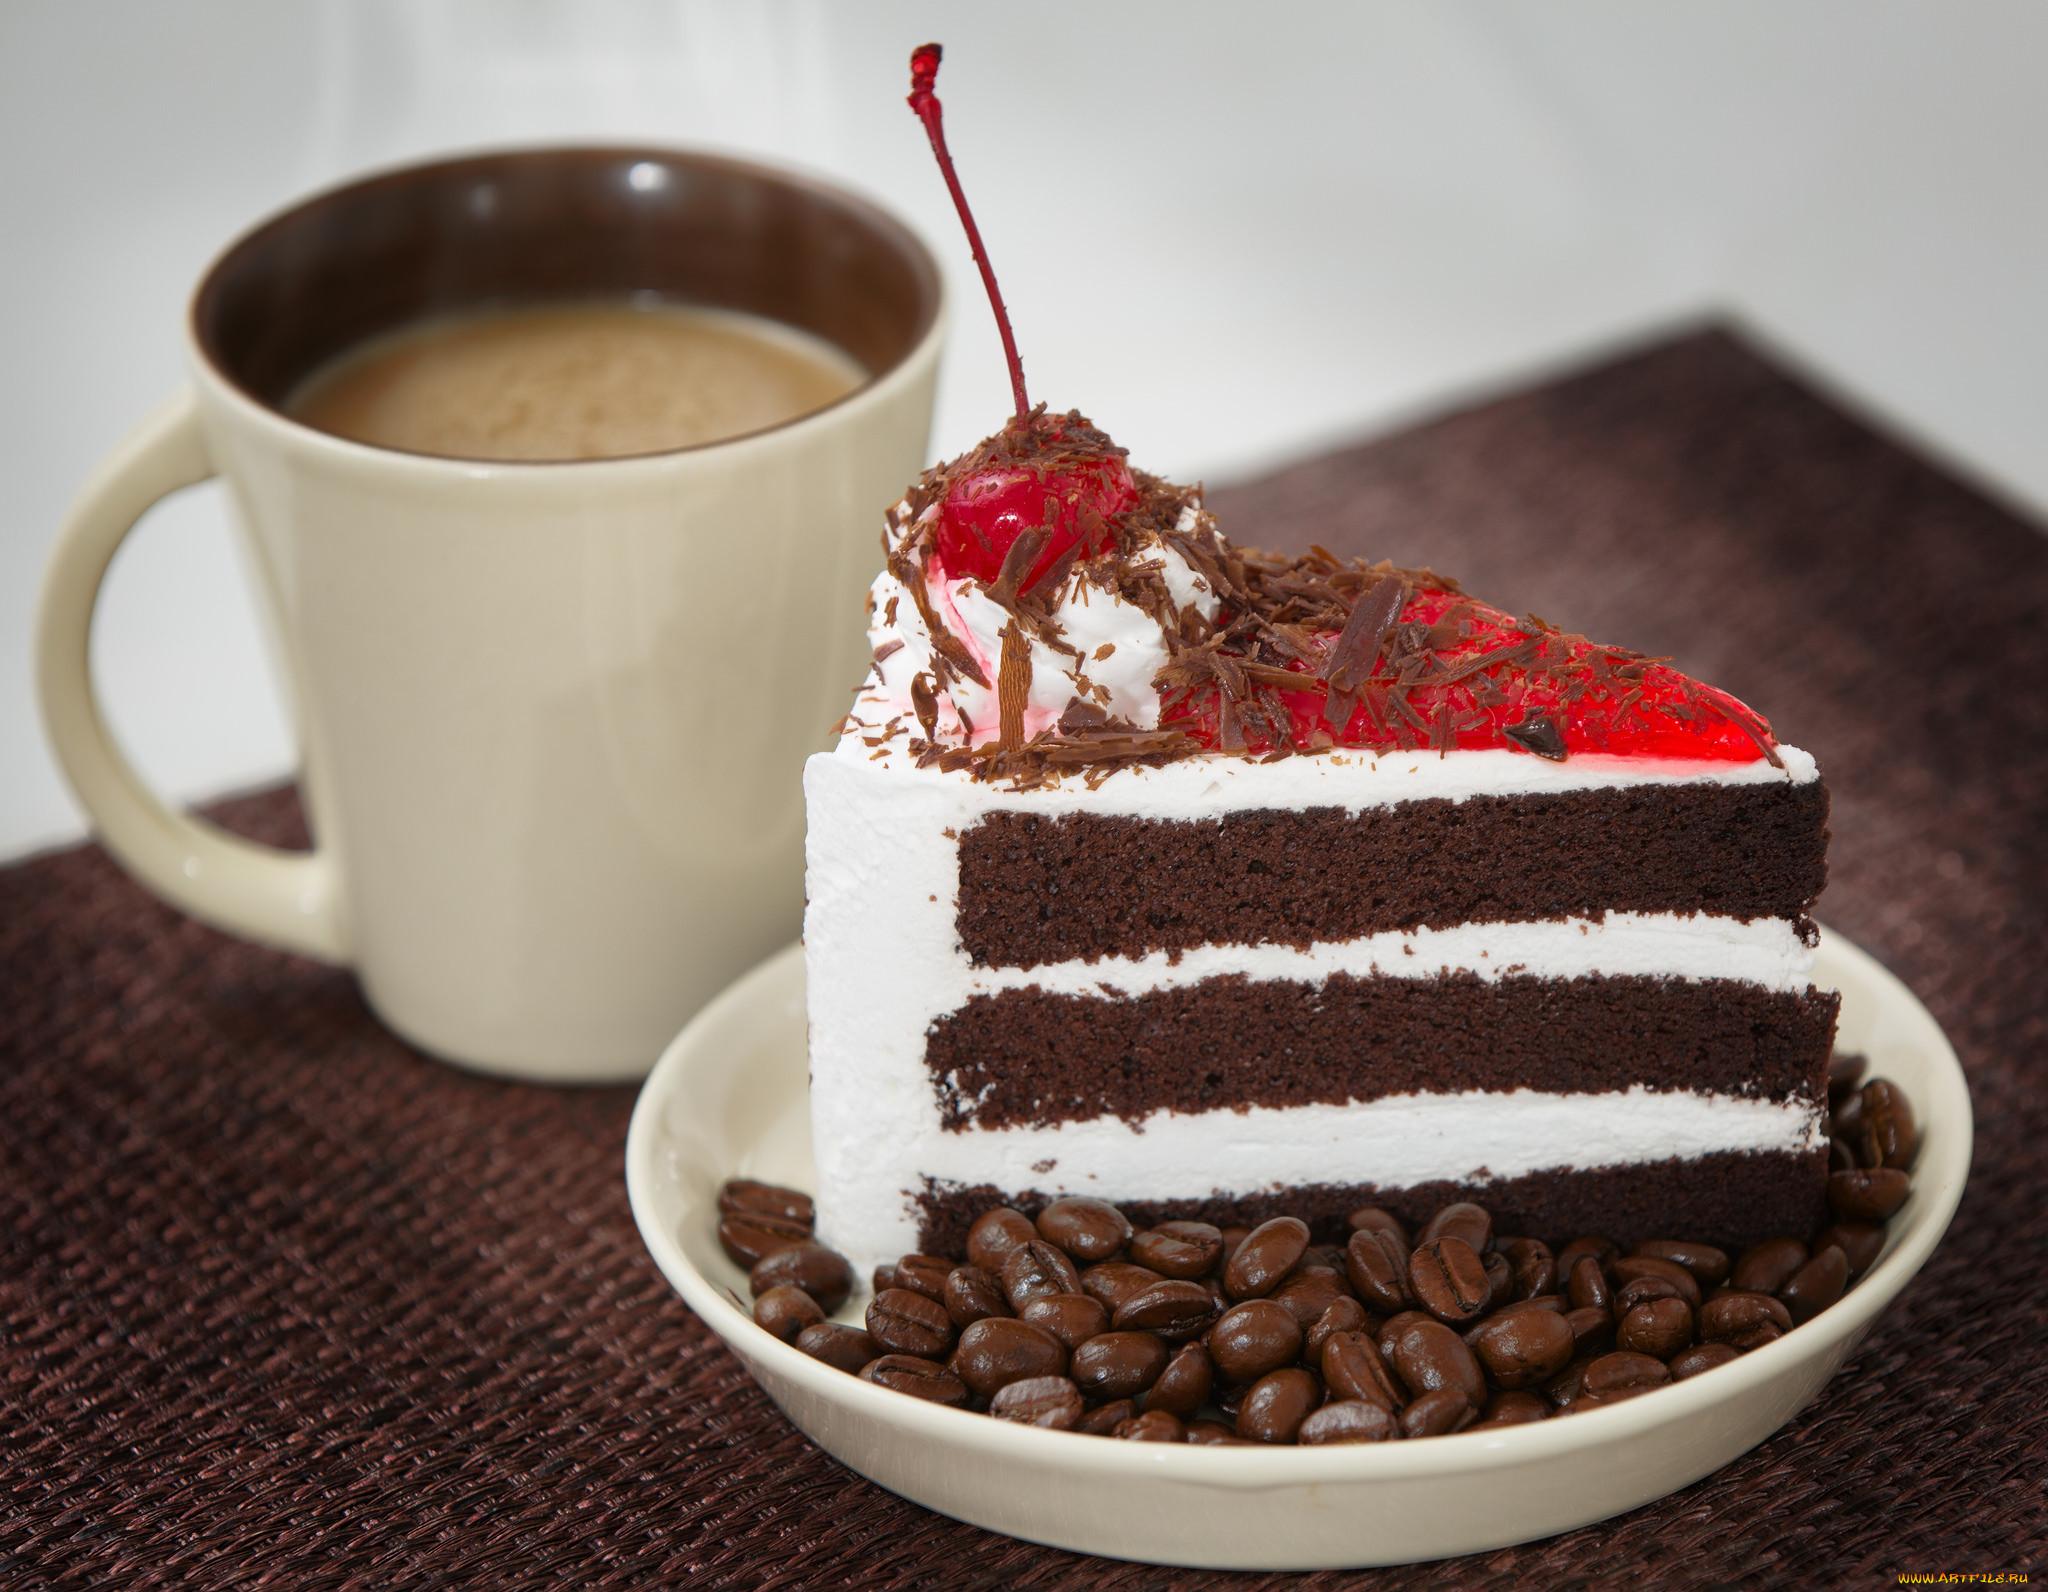 Картинка с кофе и десертом